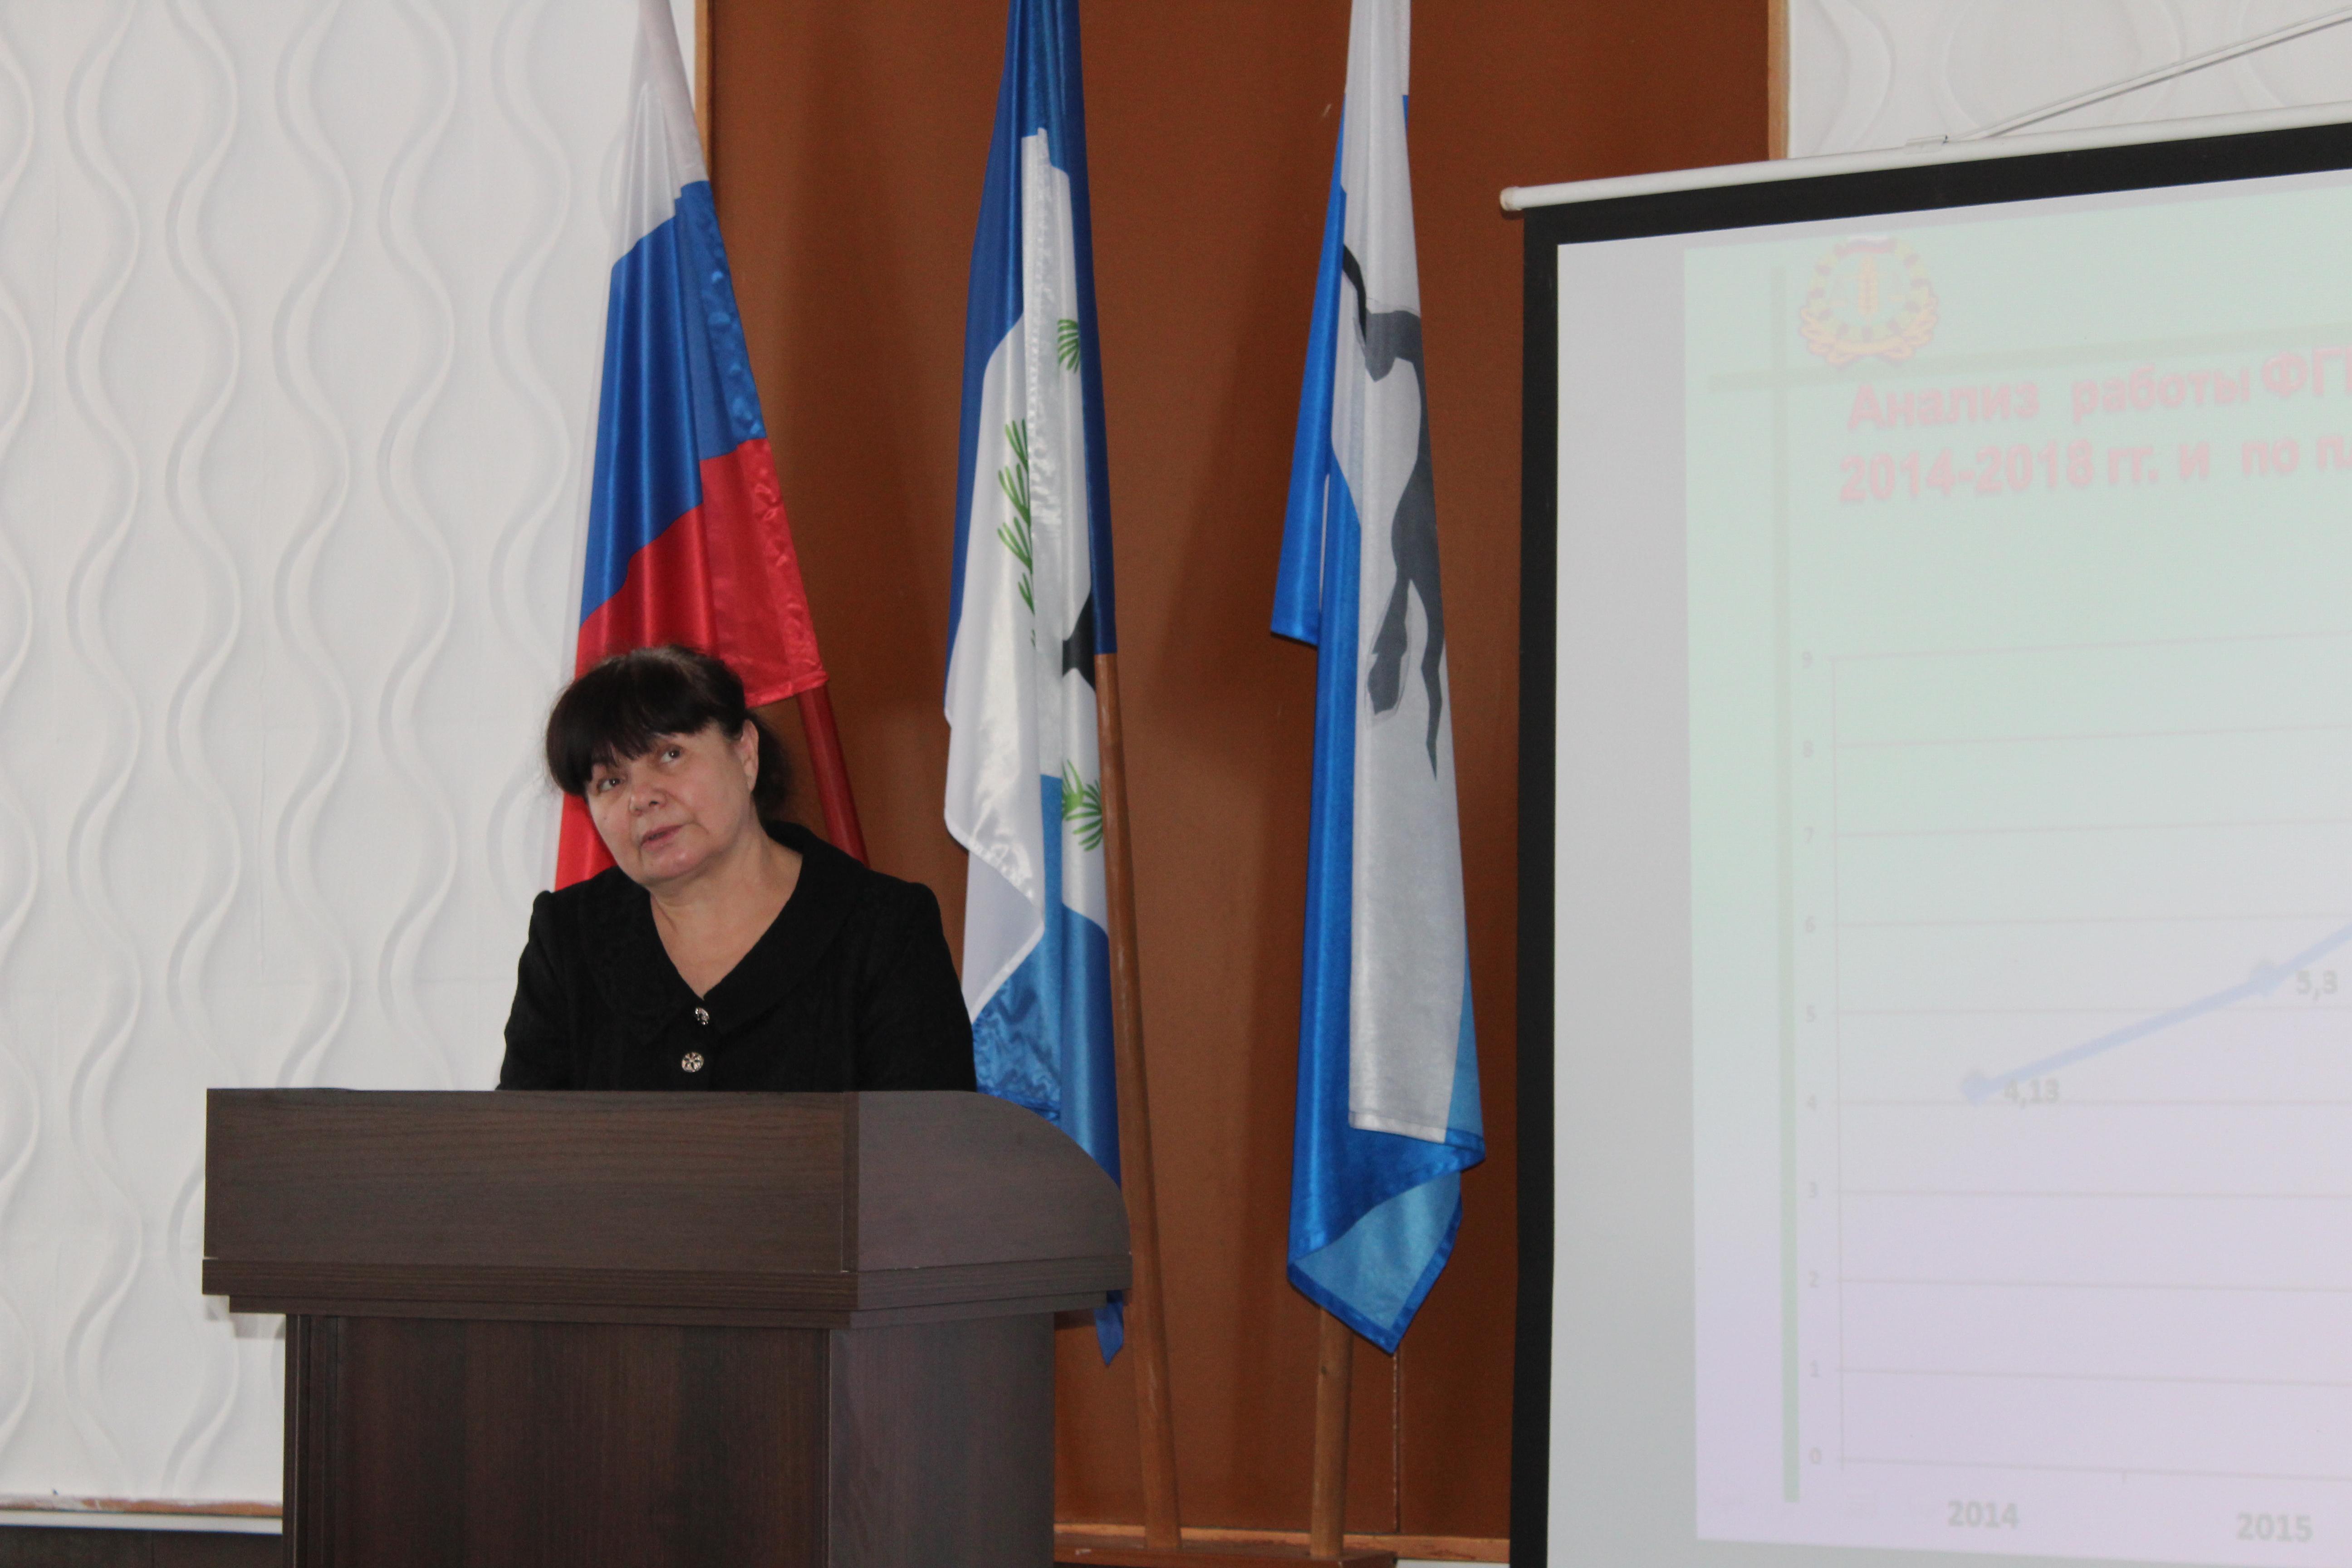 В администрации района состоялось совещание с участием руководителей и специалистов филиала ФГБУ «Россельхозцентр» по Иркутской области